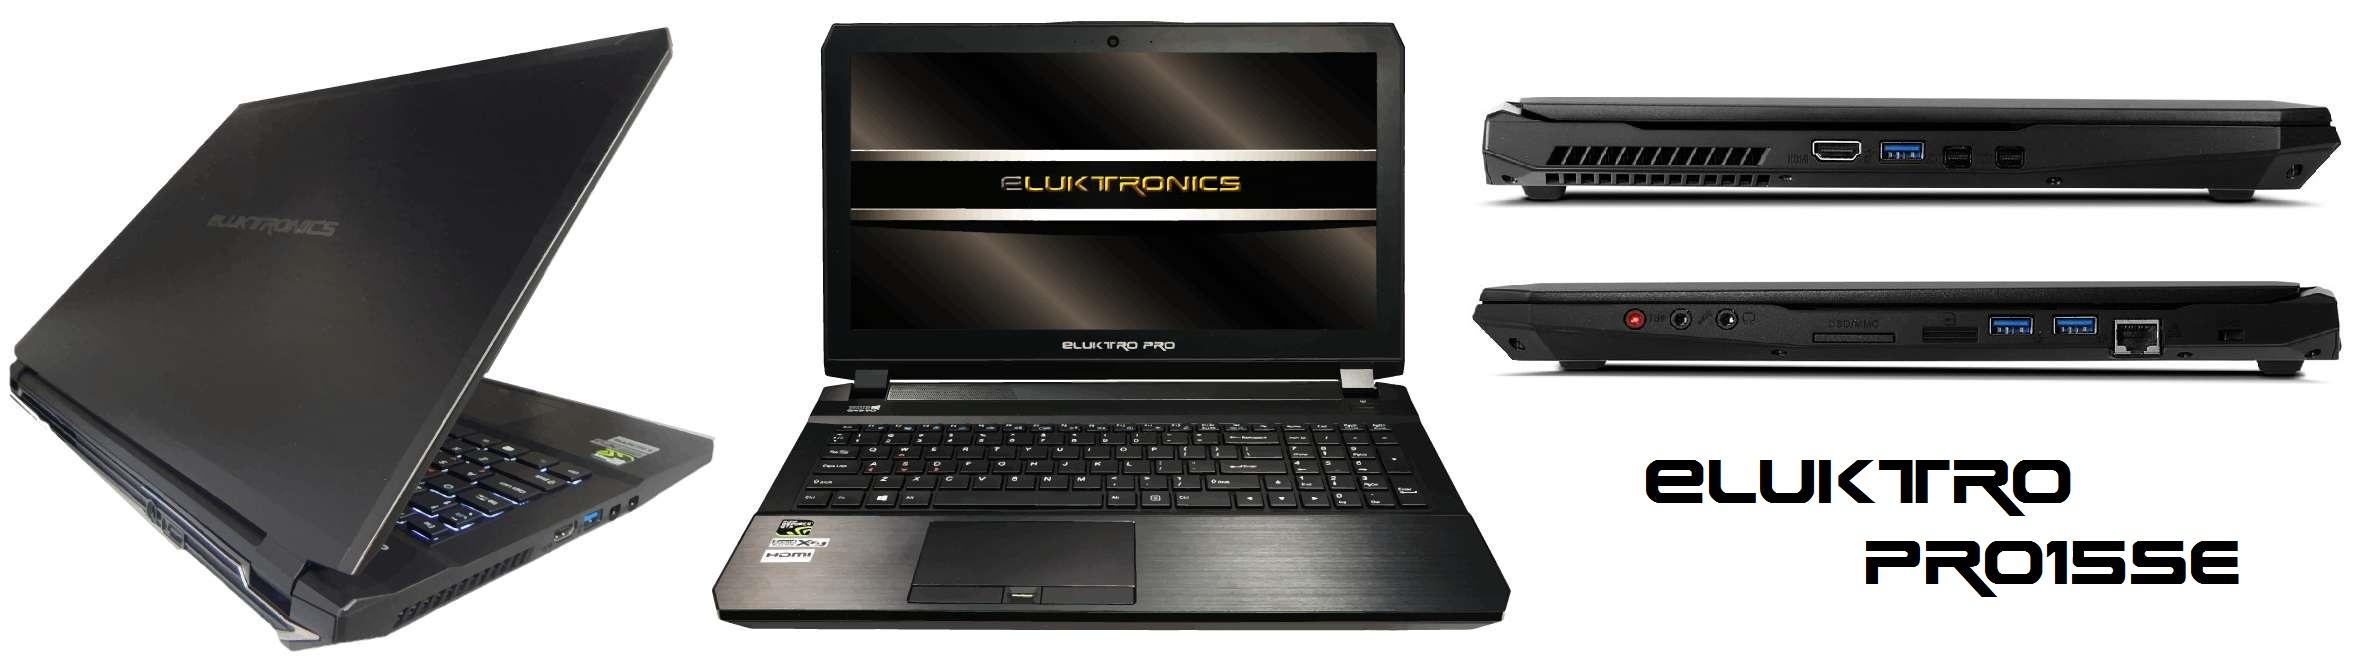 """Eluktro Pro Series 15"""" PRO15SE Gaming Laptop"""